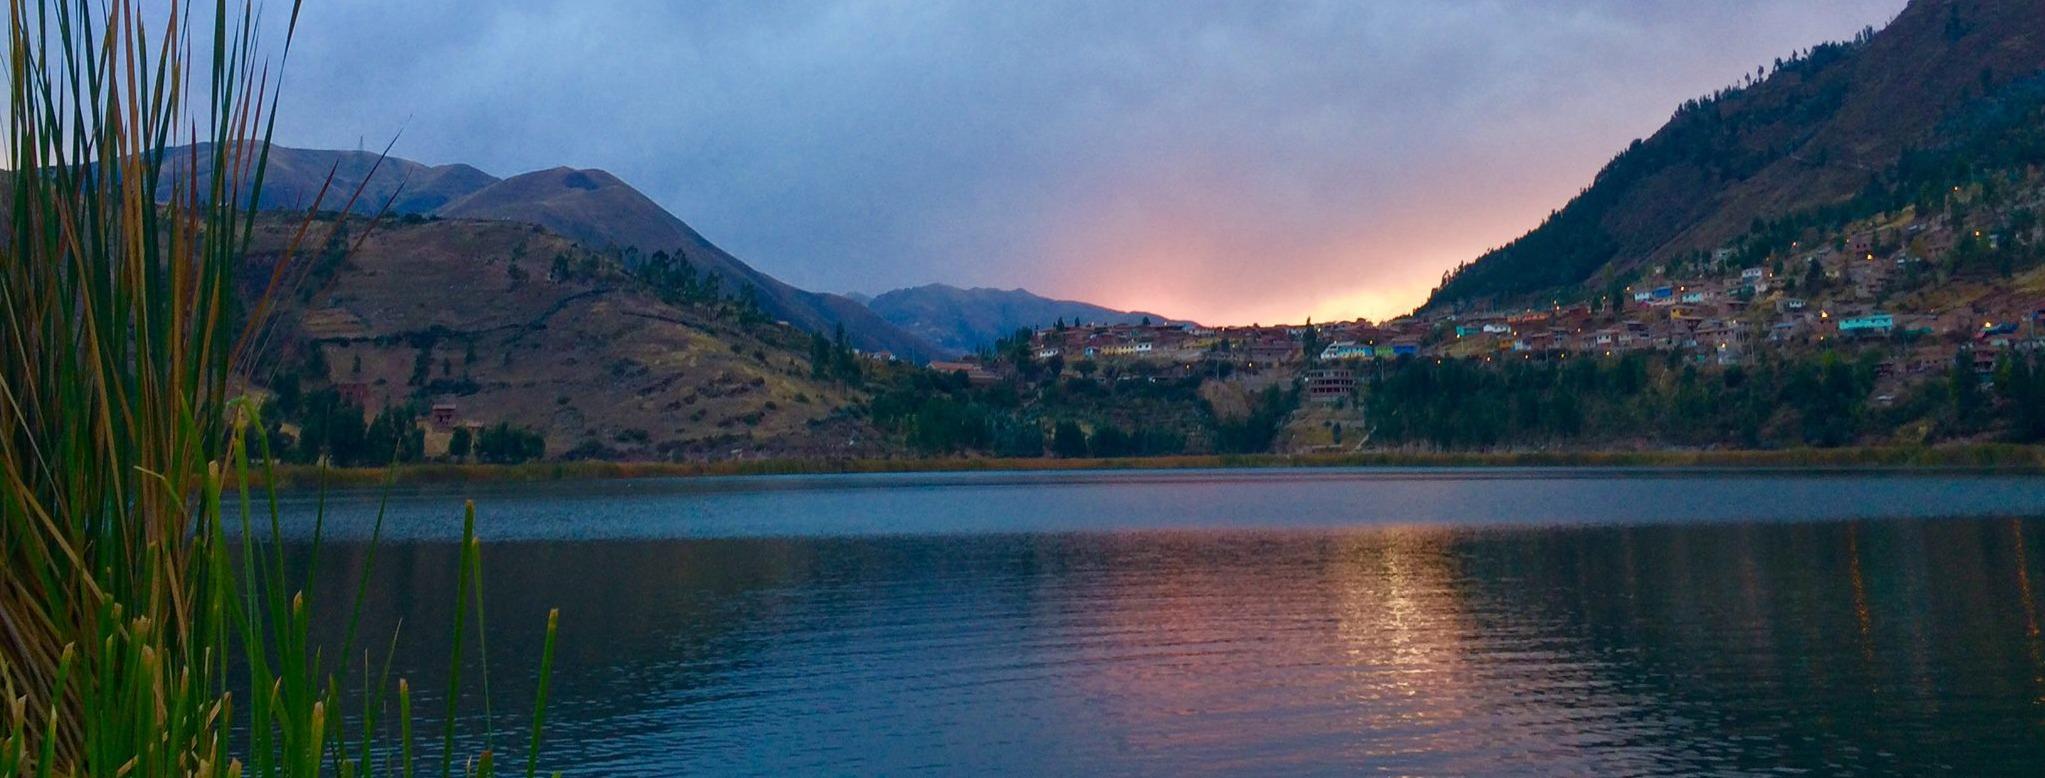 Portada Lehi Crispin - Fotografía